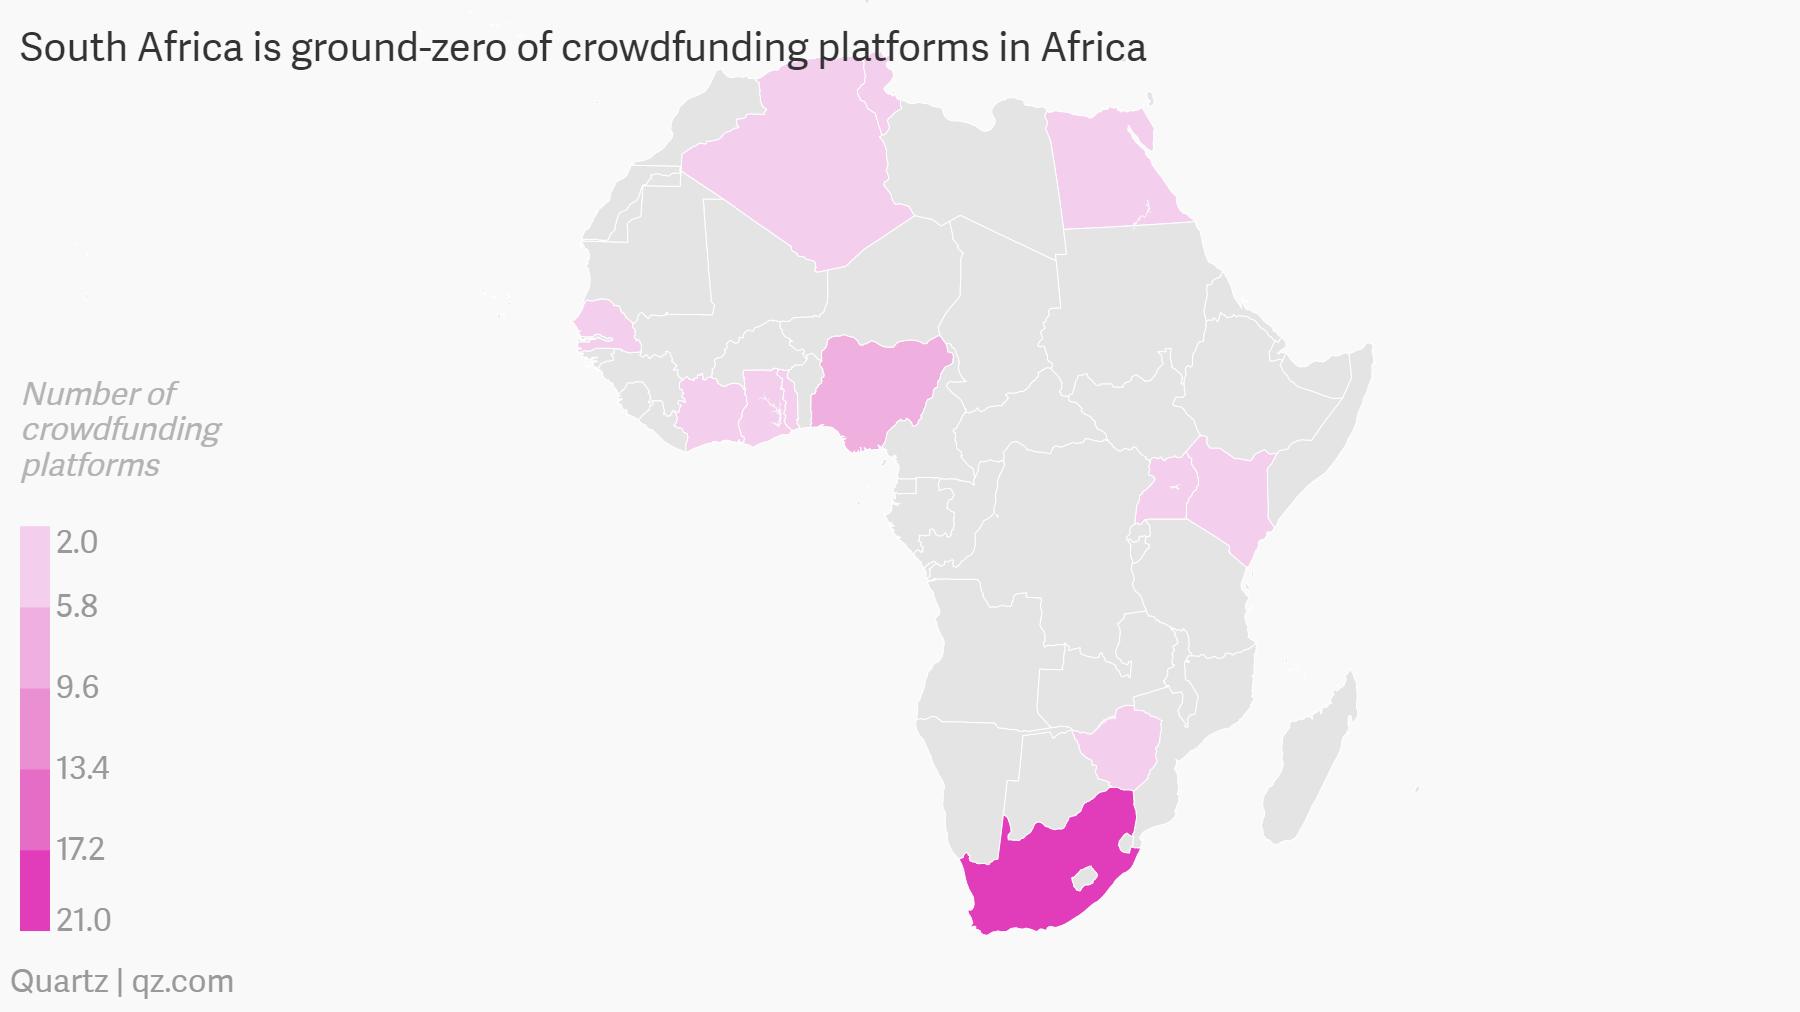 south-africa-is-ground-zero-of-crowdfunding-platforms-in-africa_mapbuilder-2